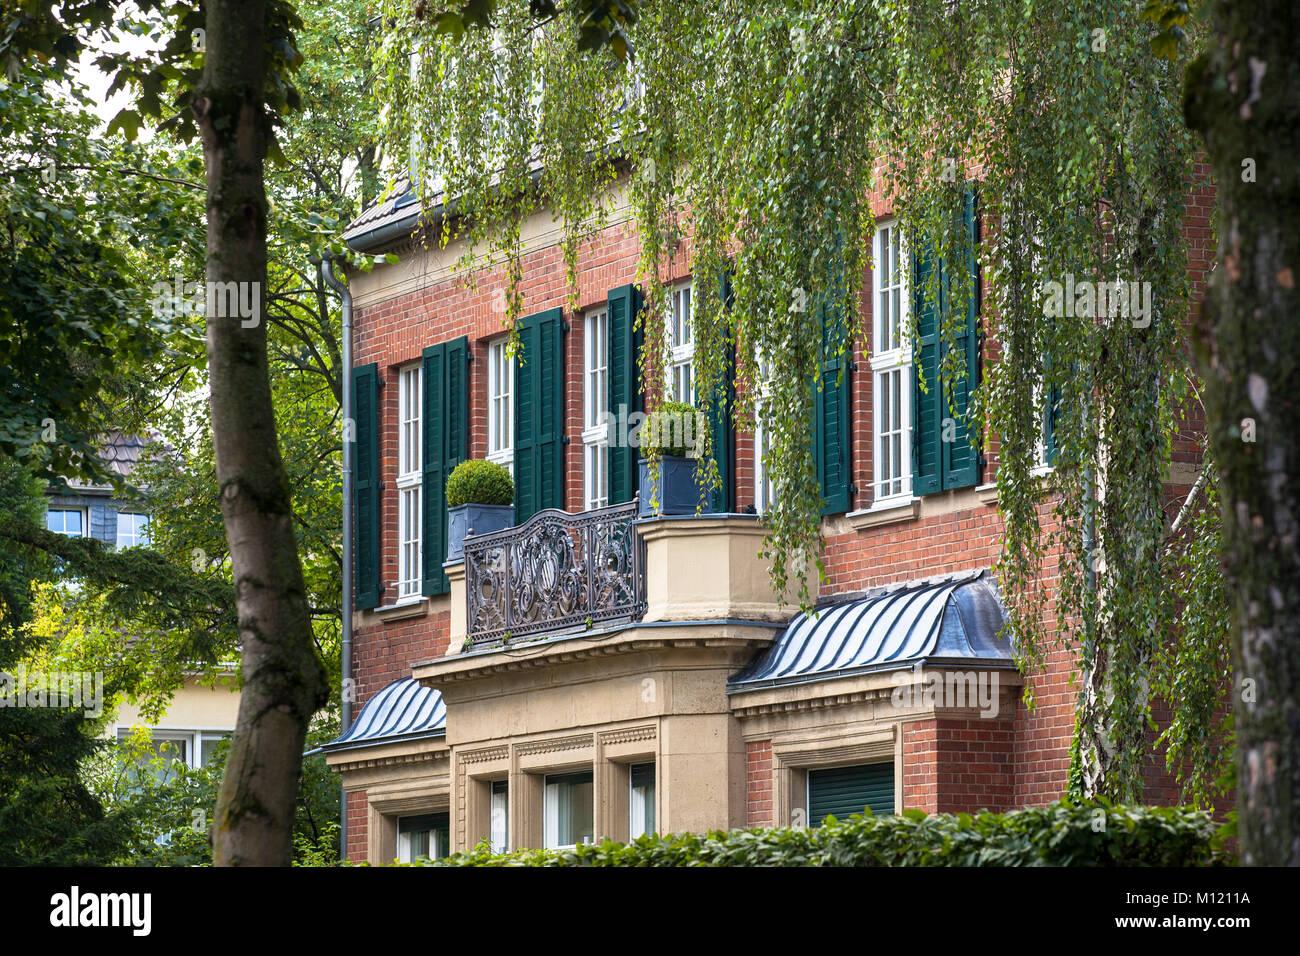 deutschland k ln villa im stadtteil marienburg deutschland koeln villa im stadtteil. Black Bedroom Furniture Sets. Home Design Ideas